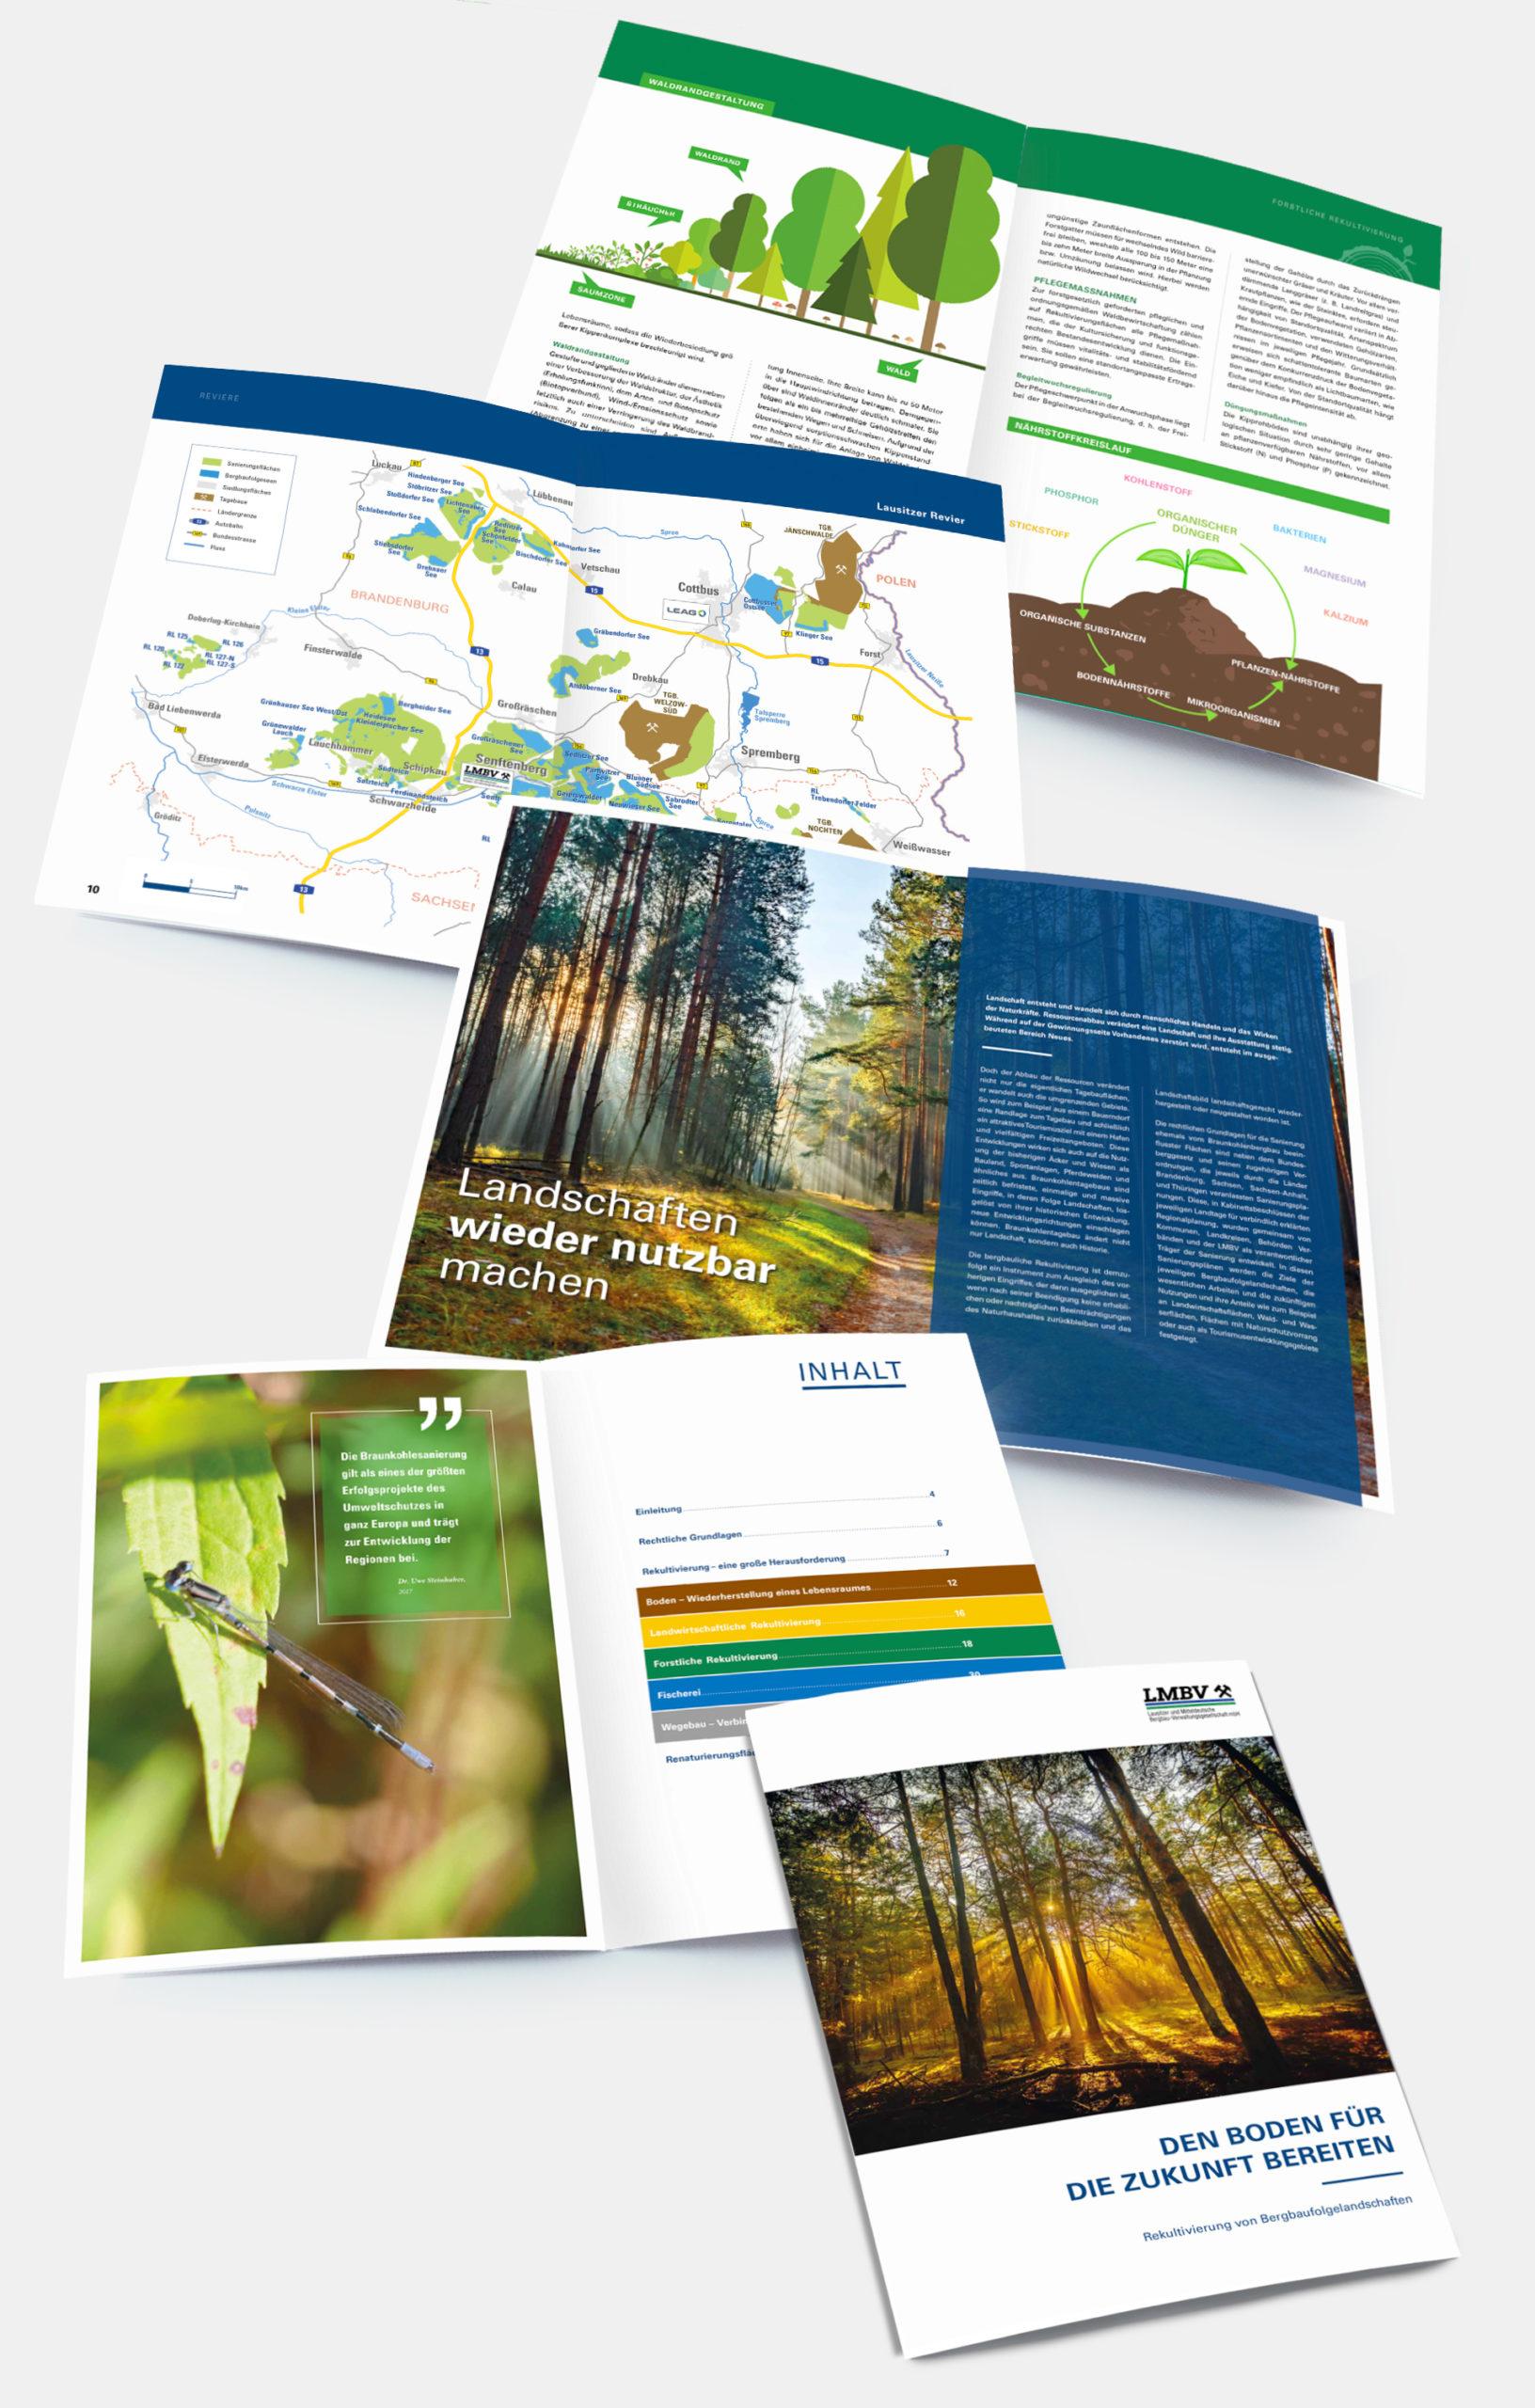 Referenz agreement - LMBV-Broschüre Rekultivierung